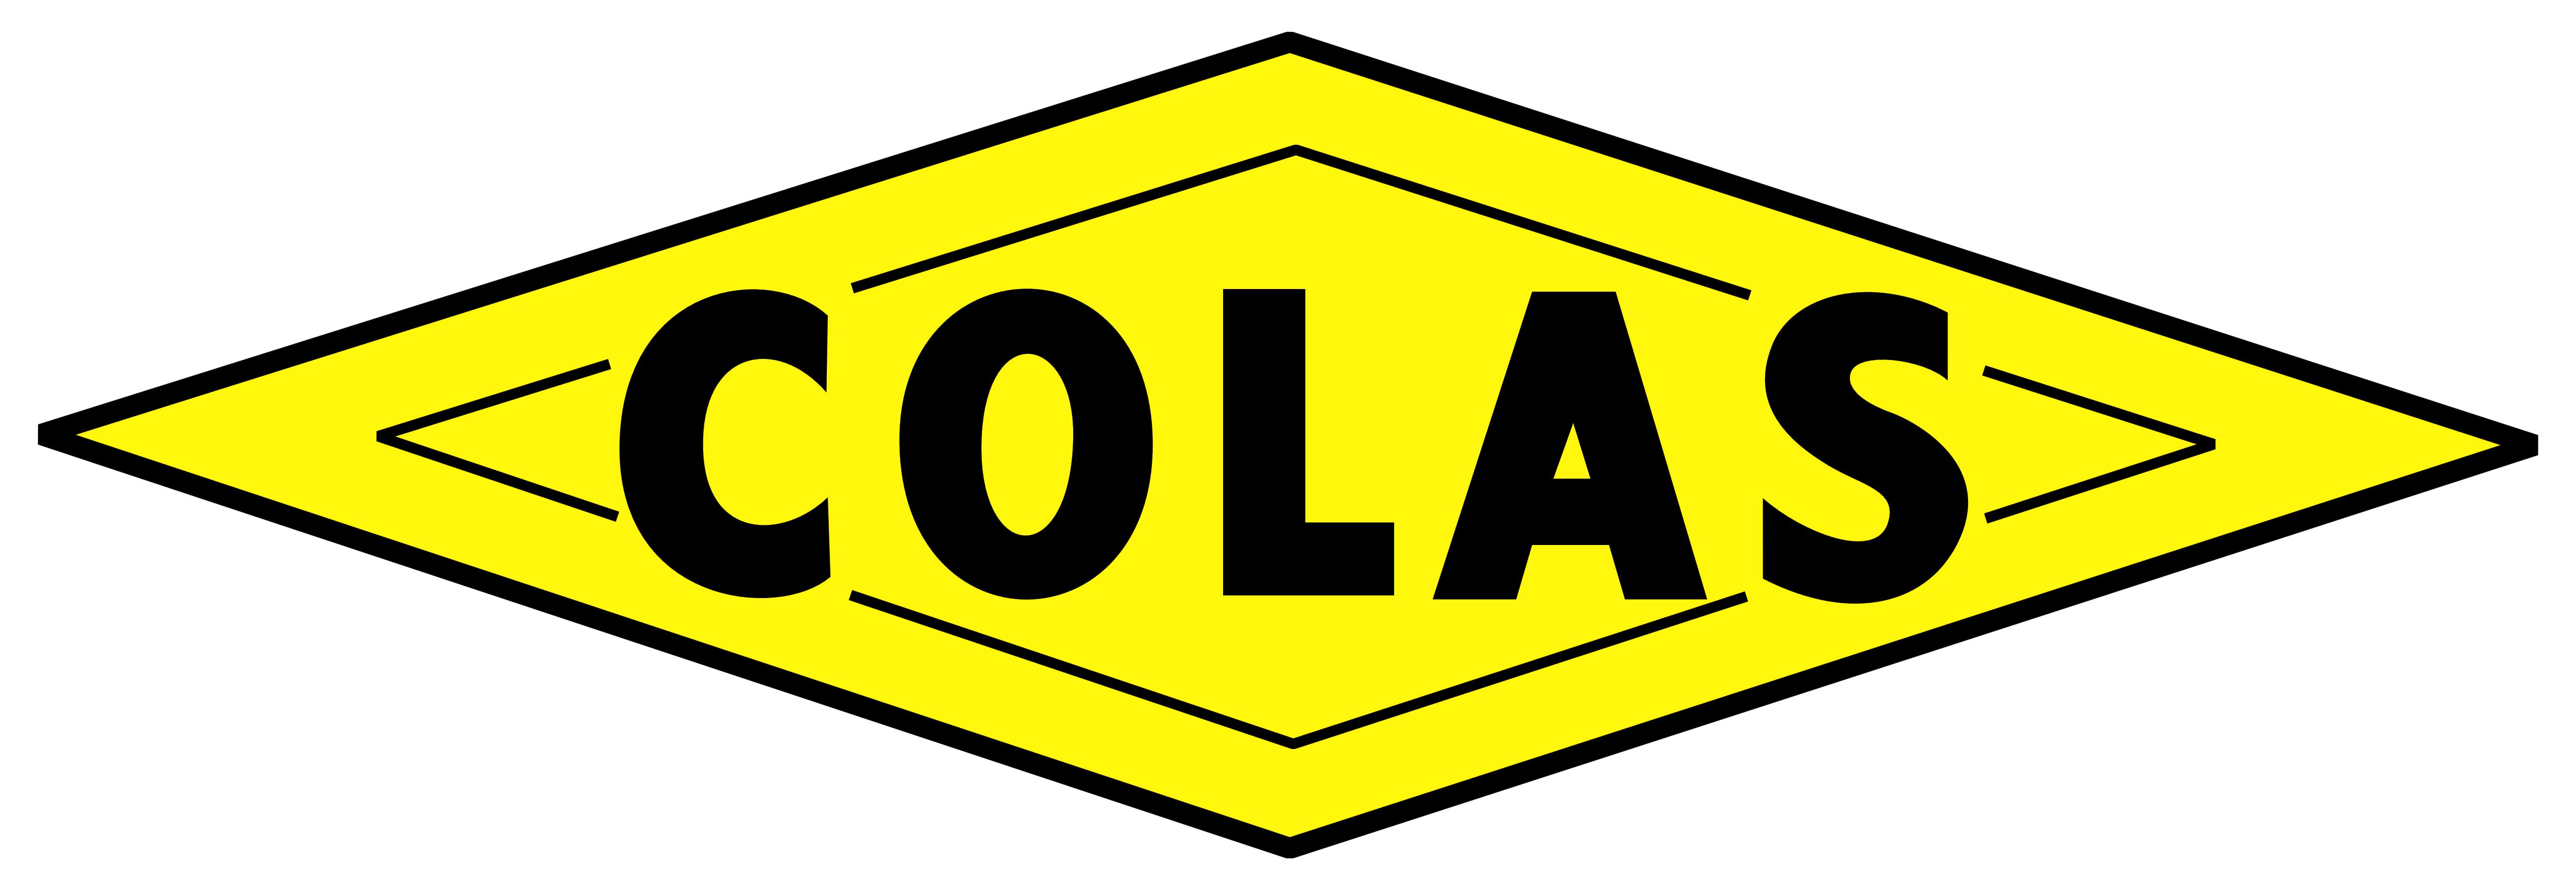 Image result for logo colas